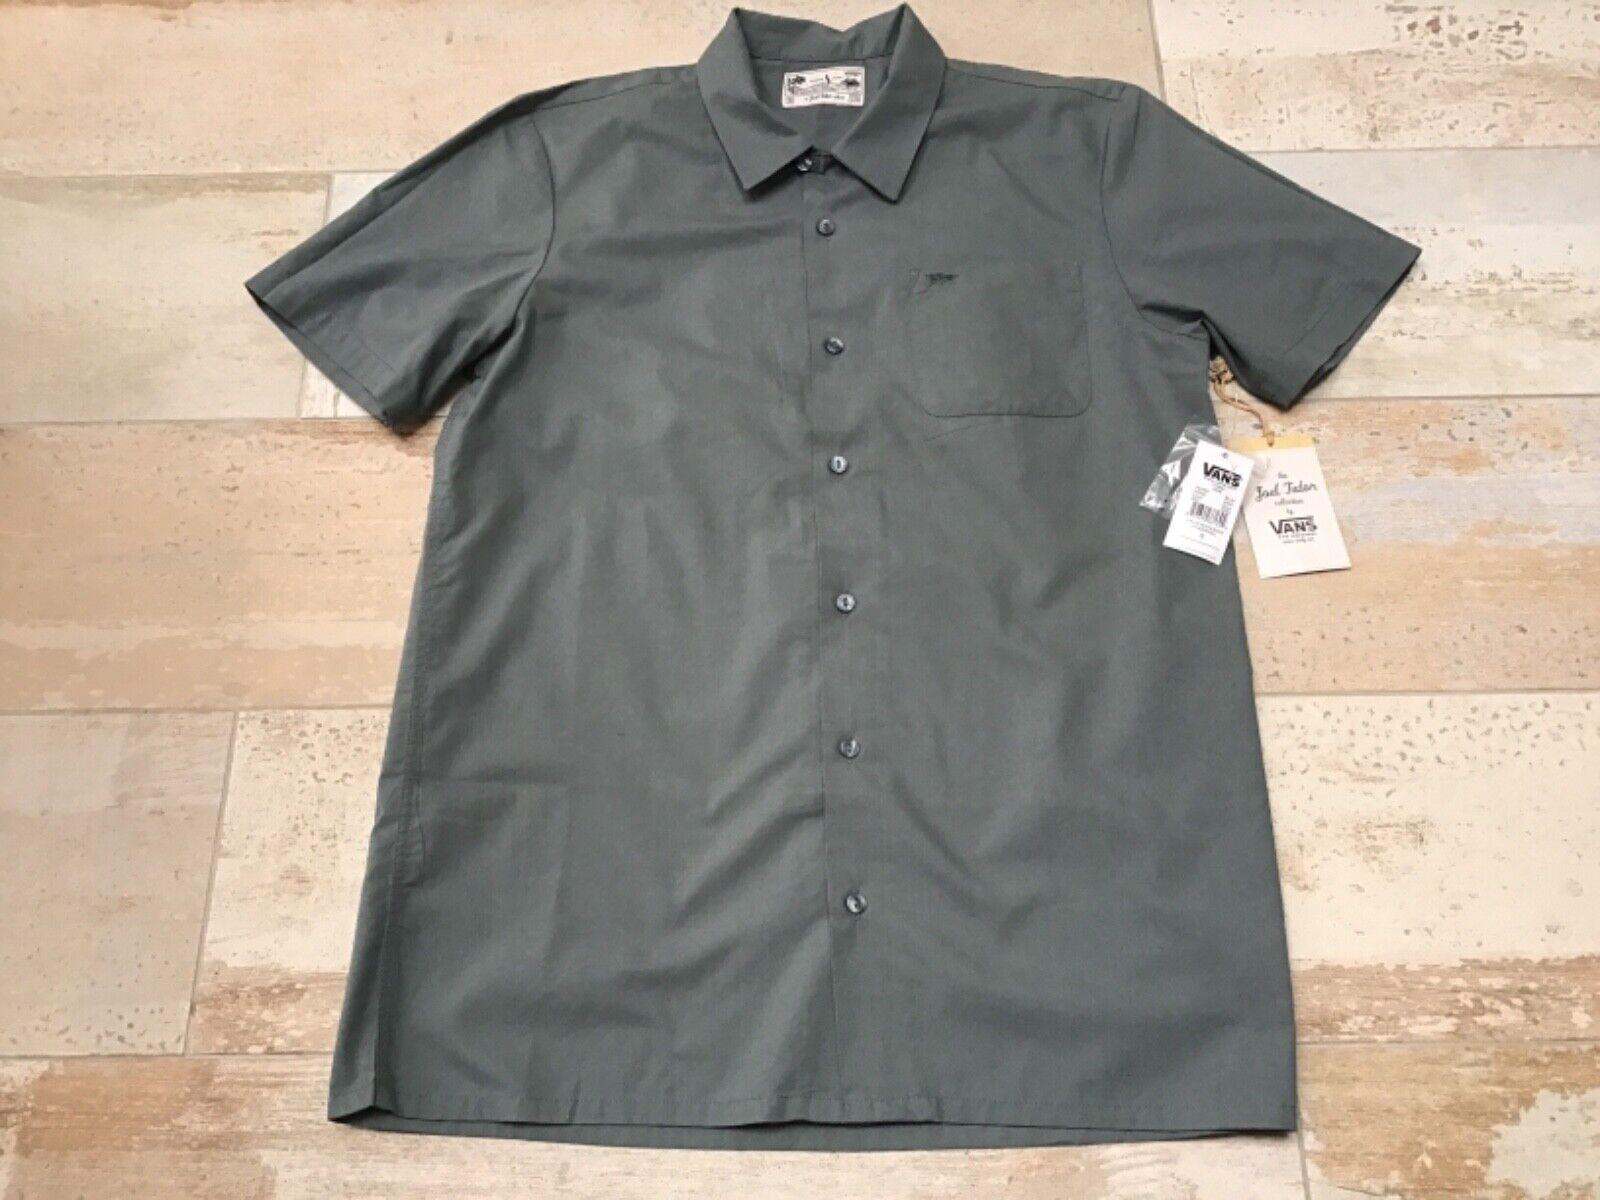 Vans RARA Camicia da Joel Tudor Collection Piccolo (media) ORIGINALE NUOVO CON ETICHETTE